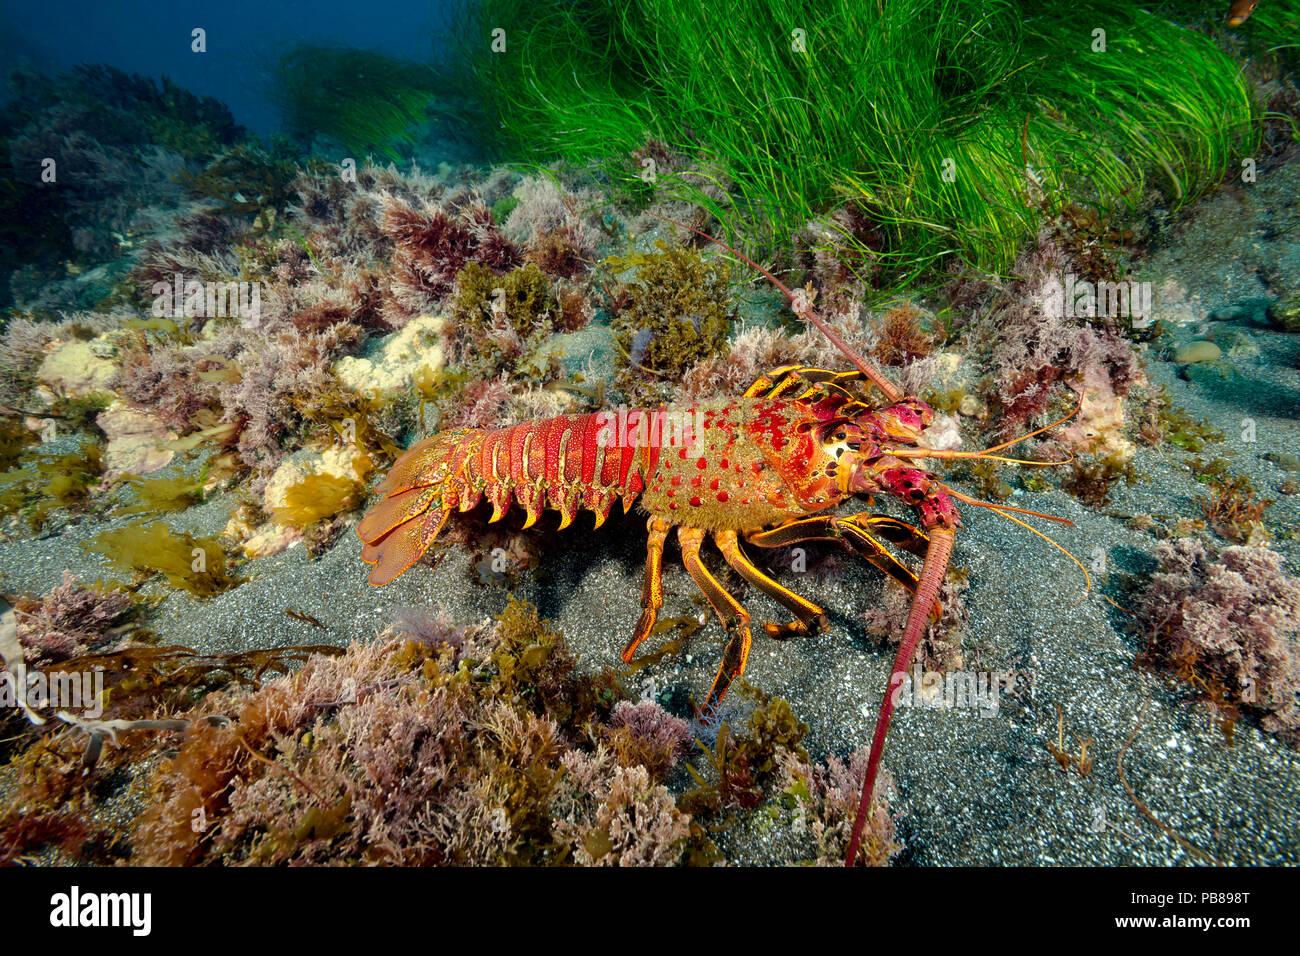 Il California aragosta, Panulirus interruptus, è uno dei più grandi aragosta specie, raggiungendo così tanto come 24 pollici di lunghezza, Santa Barba Immagini Stock